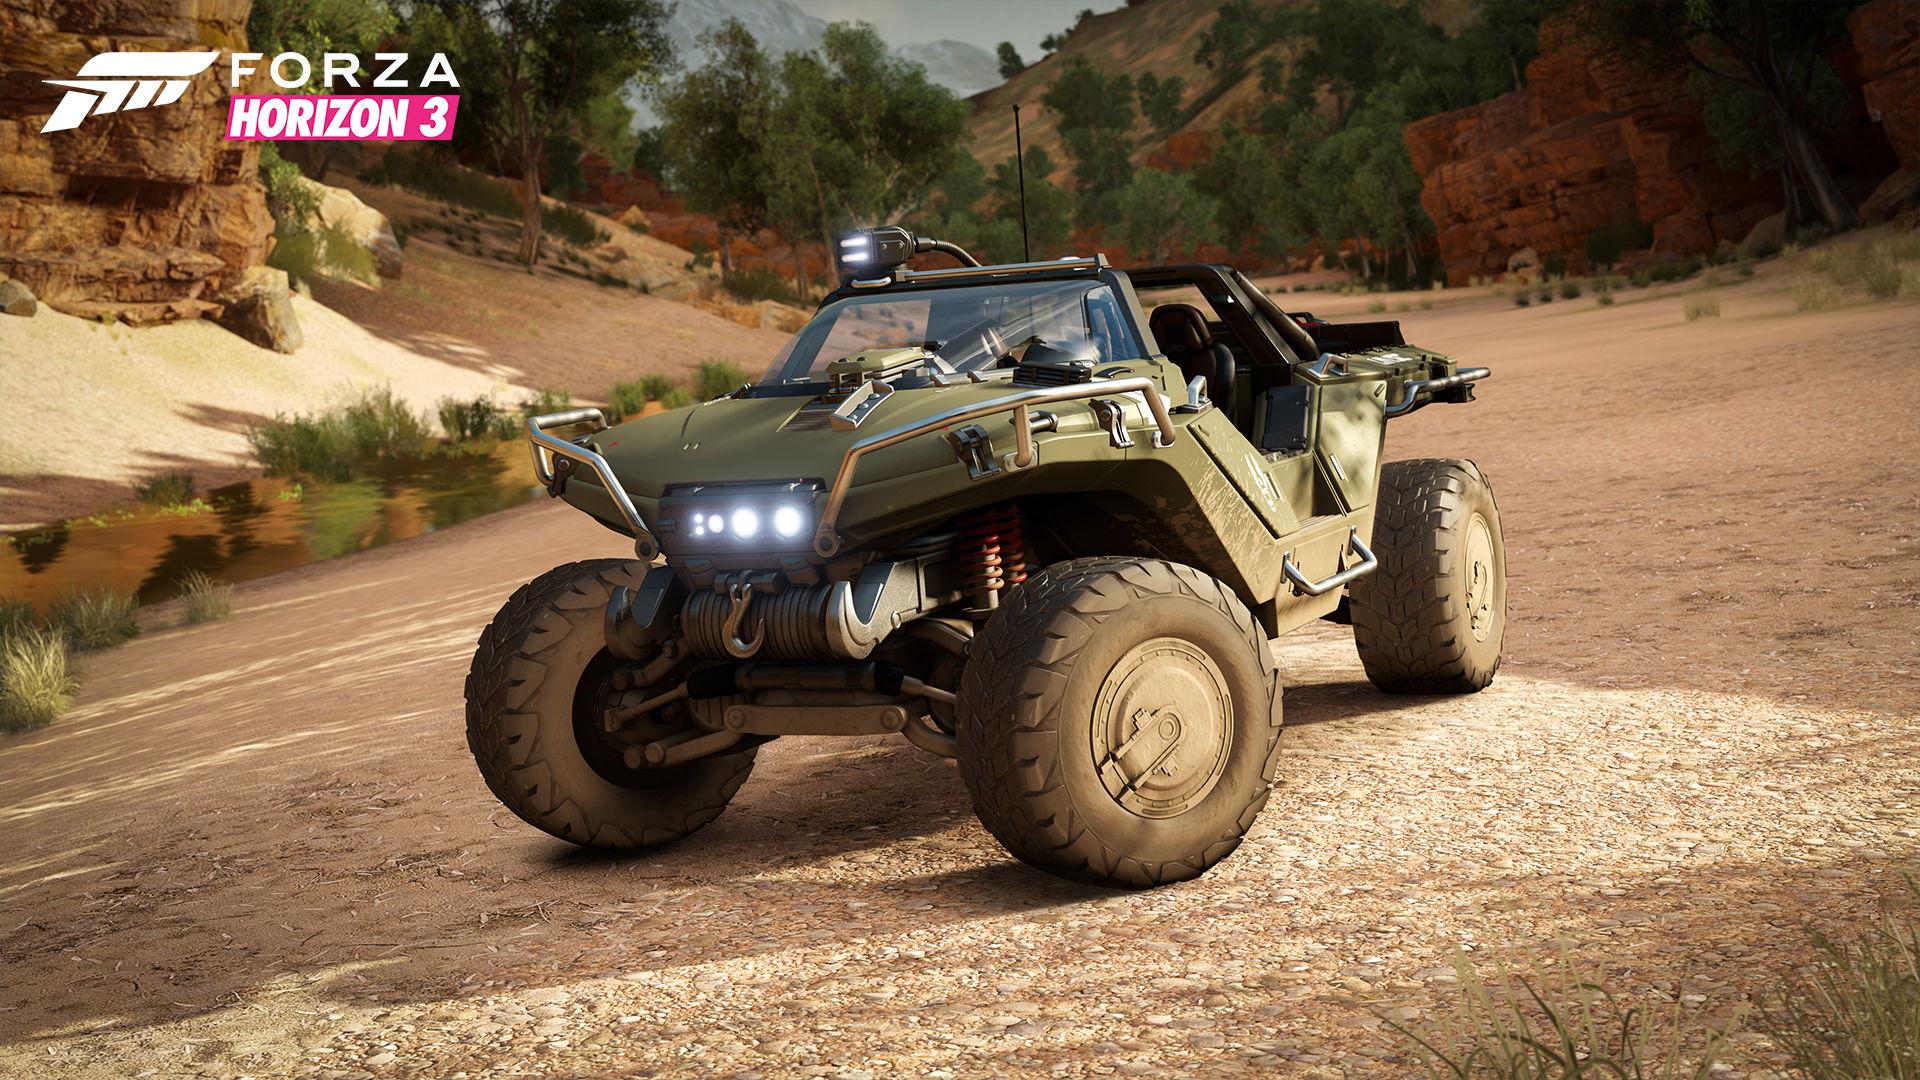 Forza Horizon 3 Widescreen